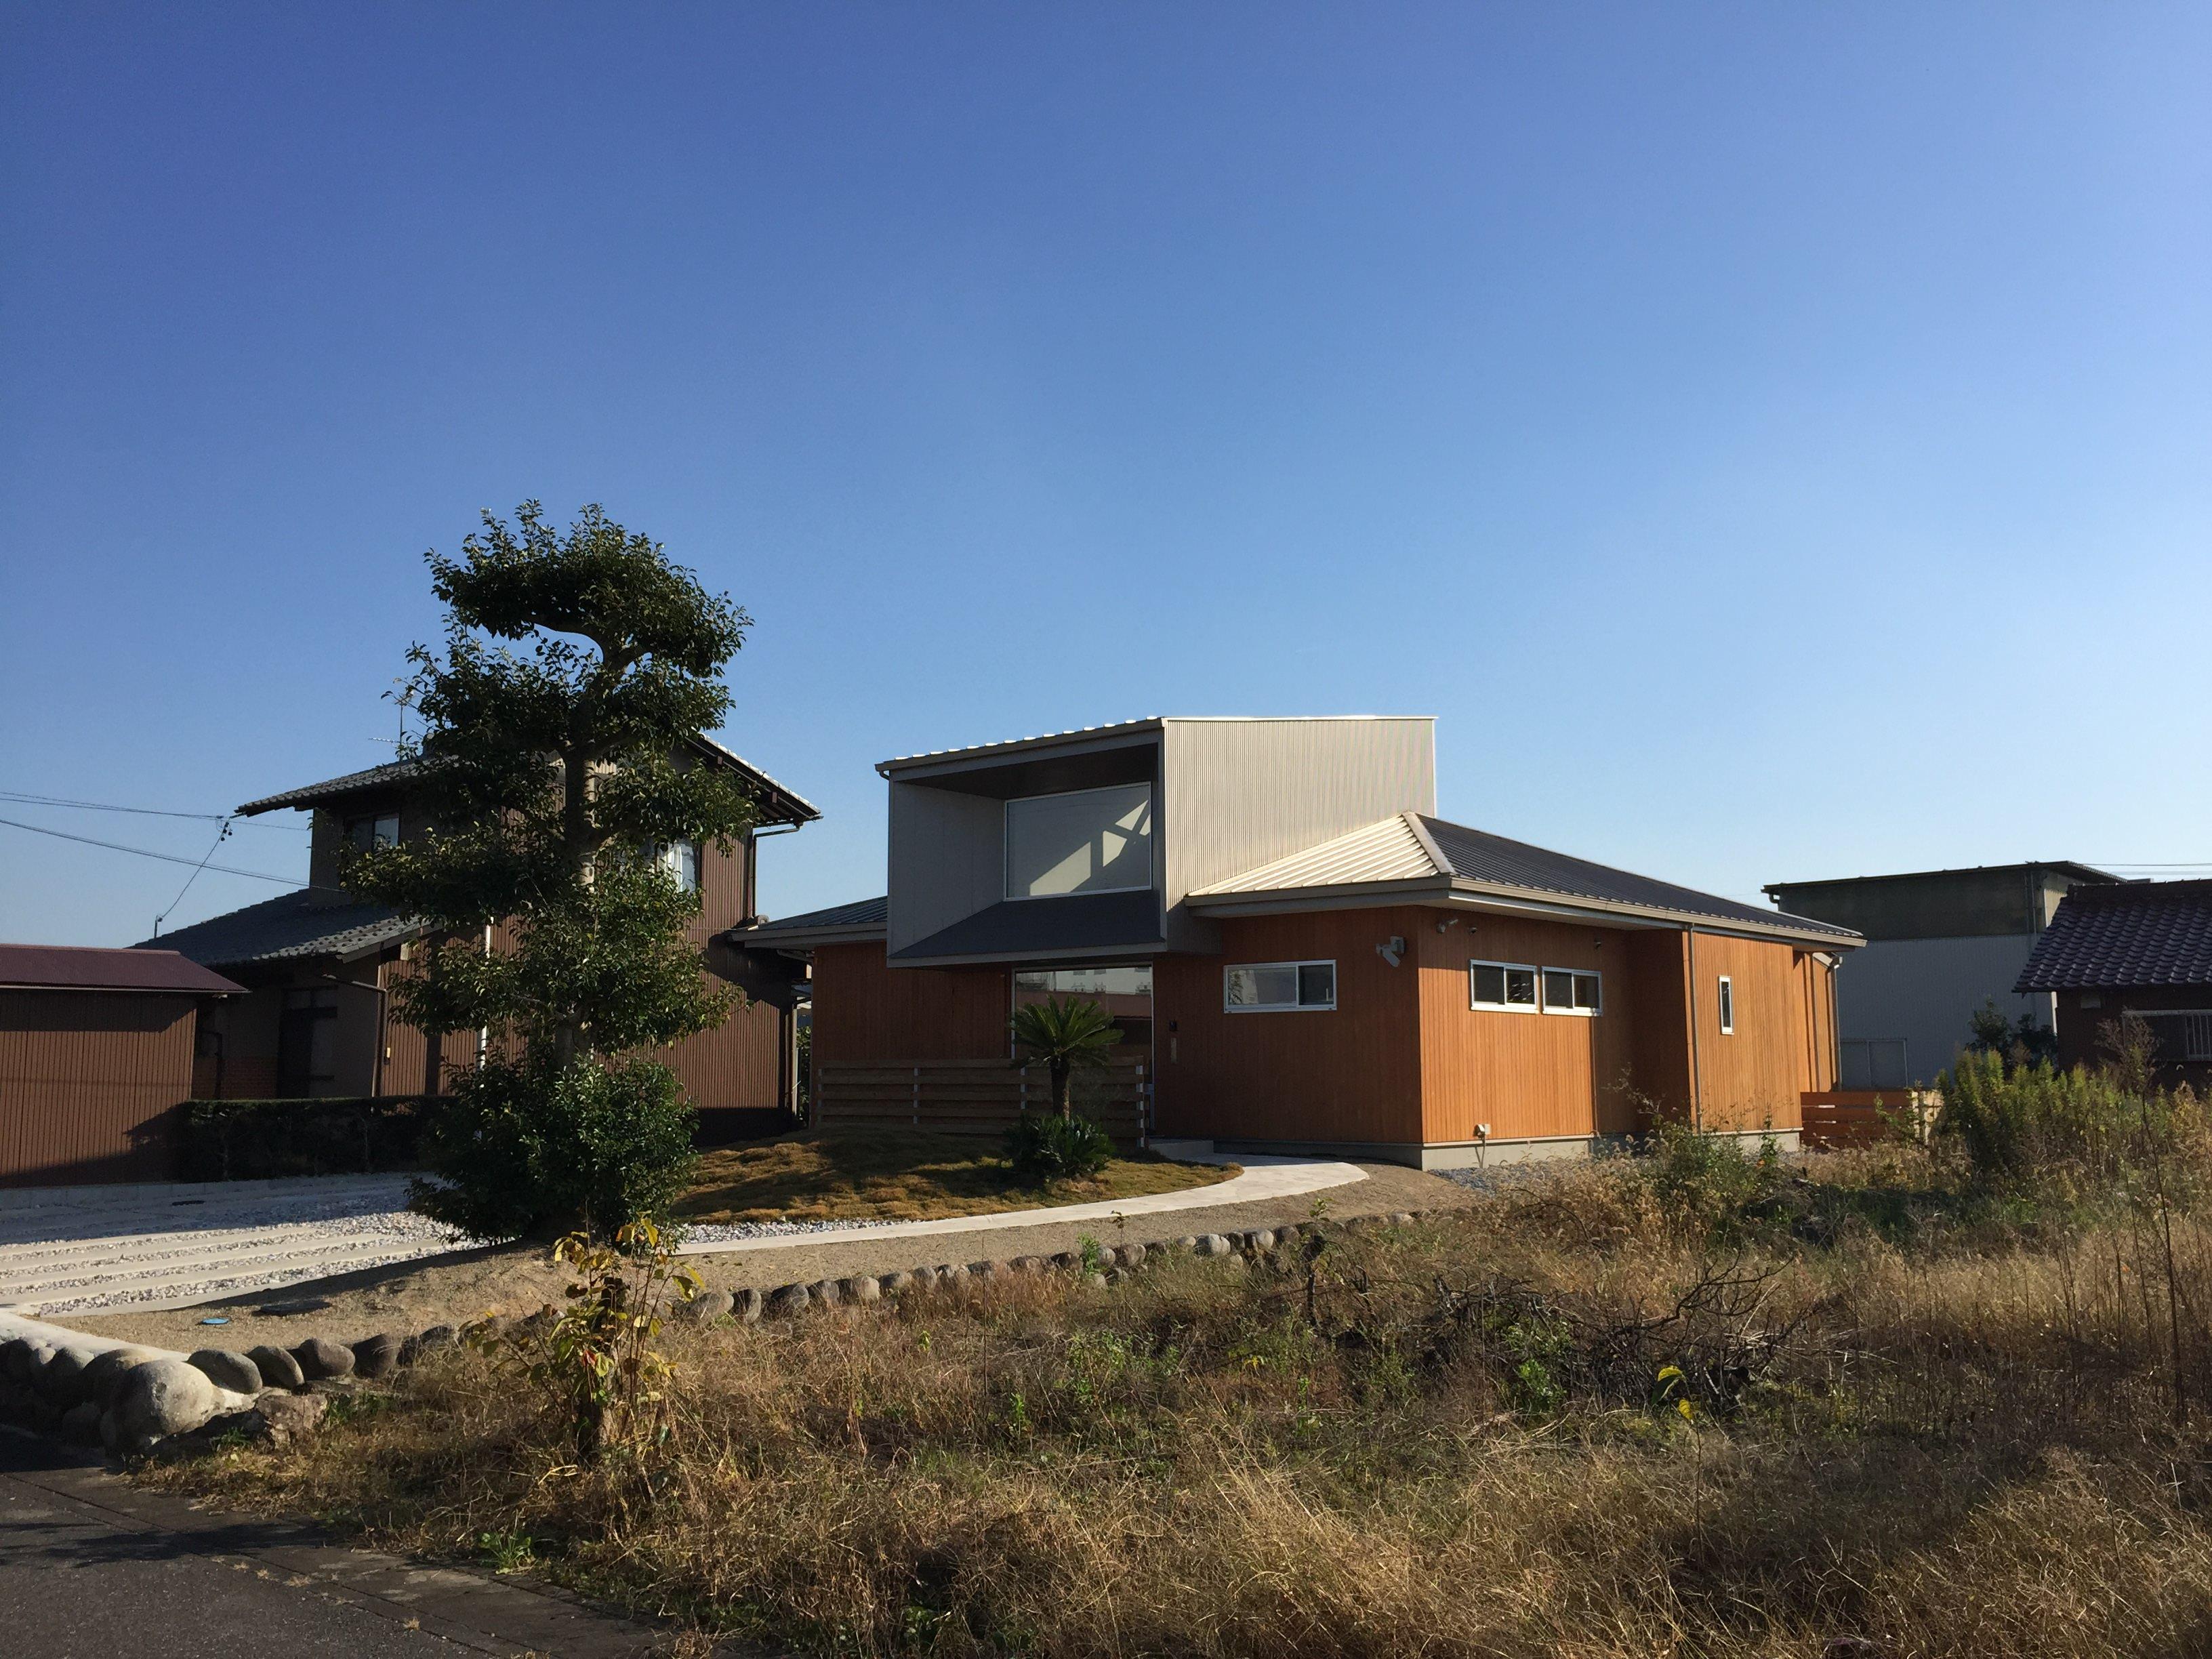 岐阜県羽島市「回光の家」木造平屋建 竣工写真撮影